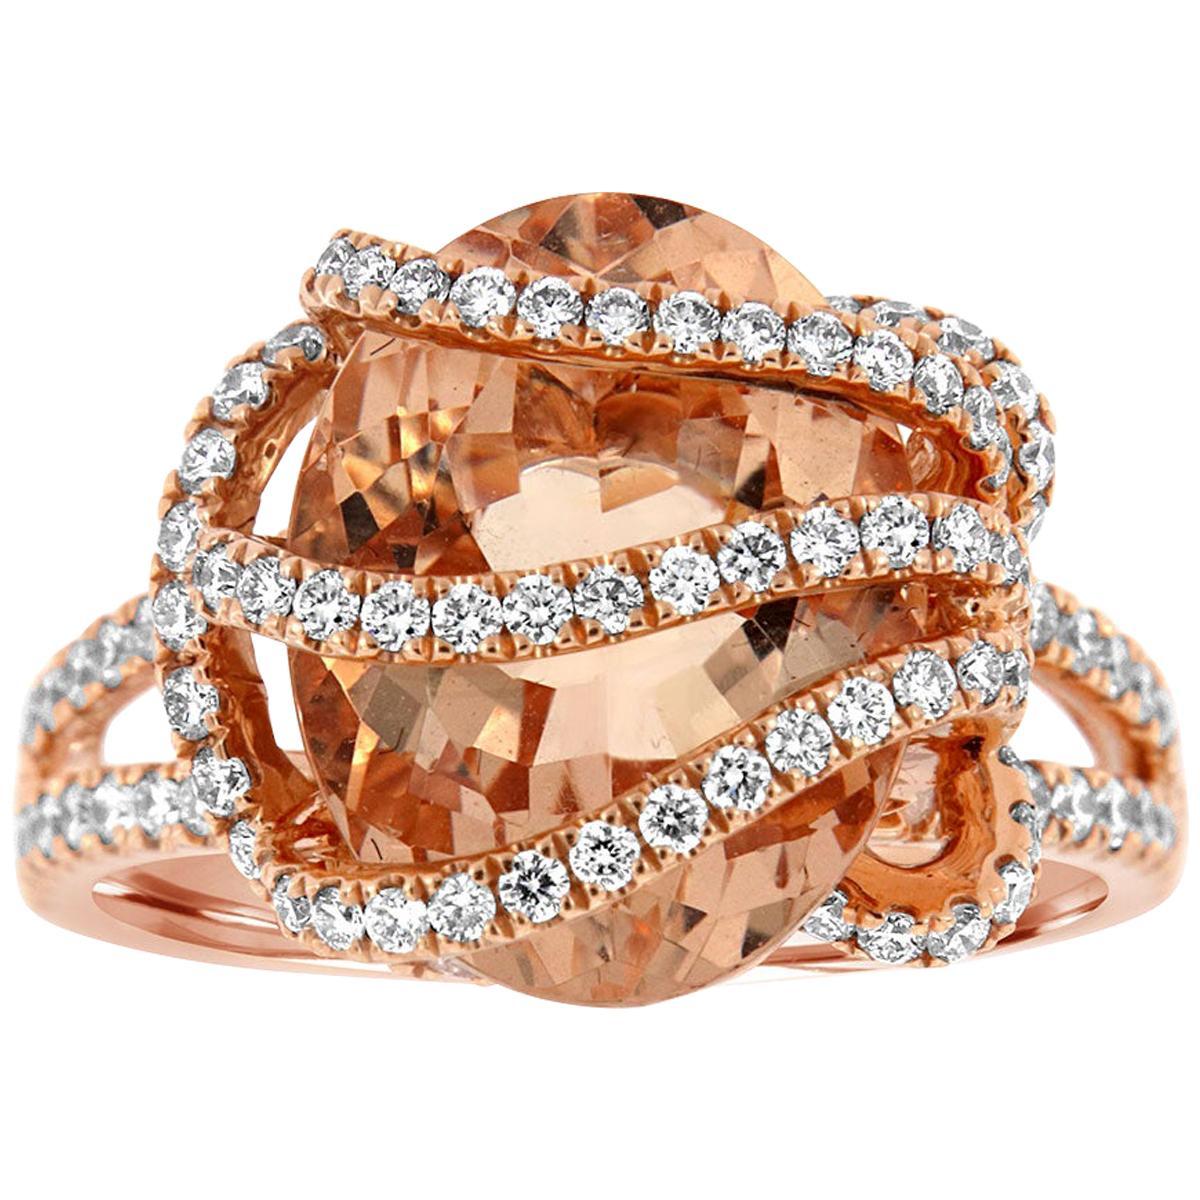 18 Karat Rose Gold Morganite Ring '6 Carat'